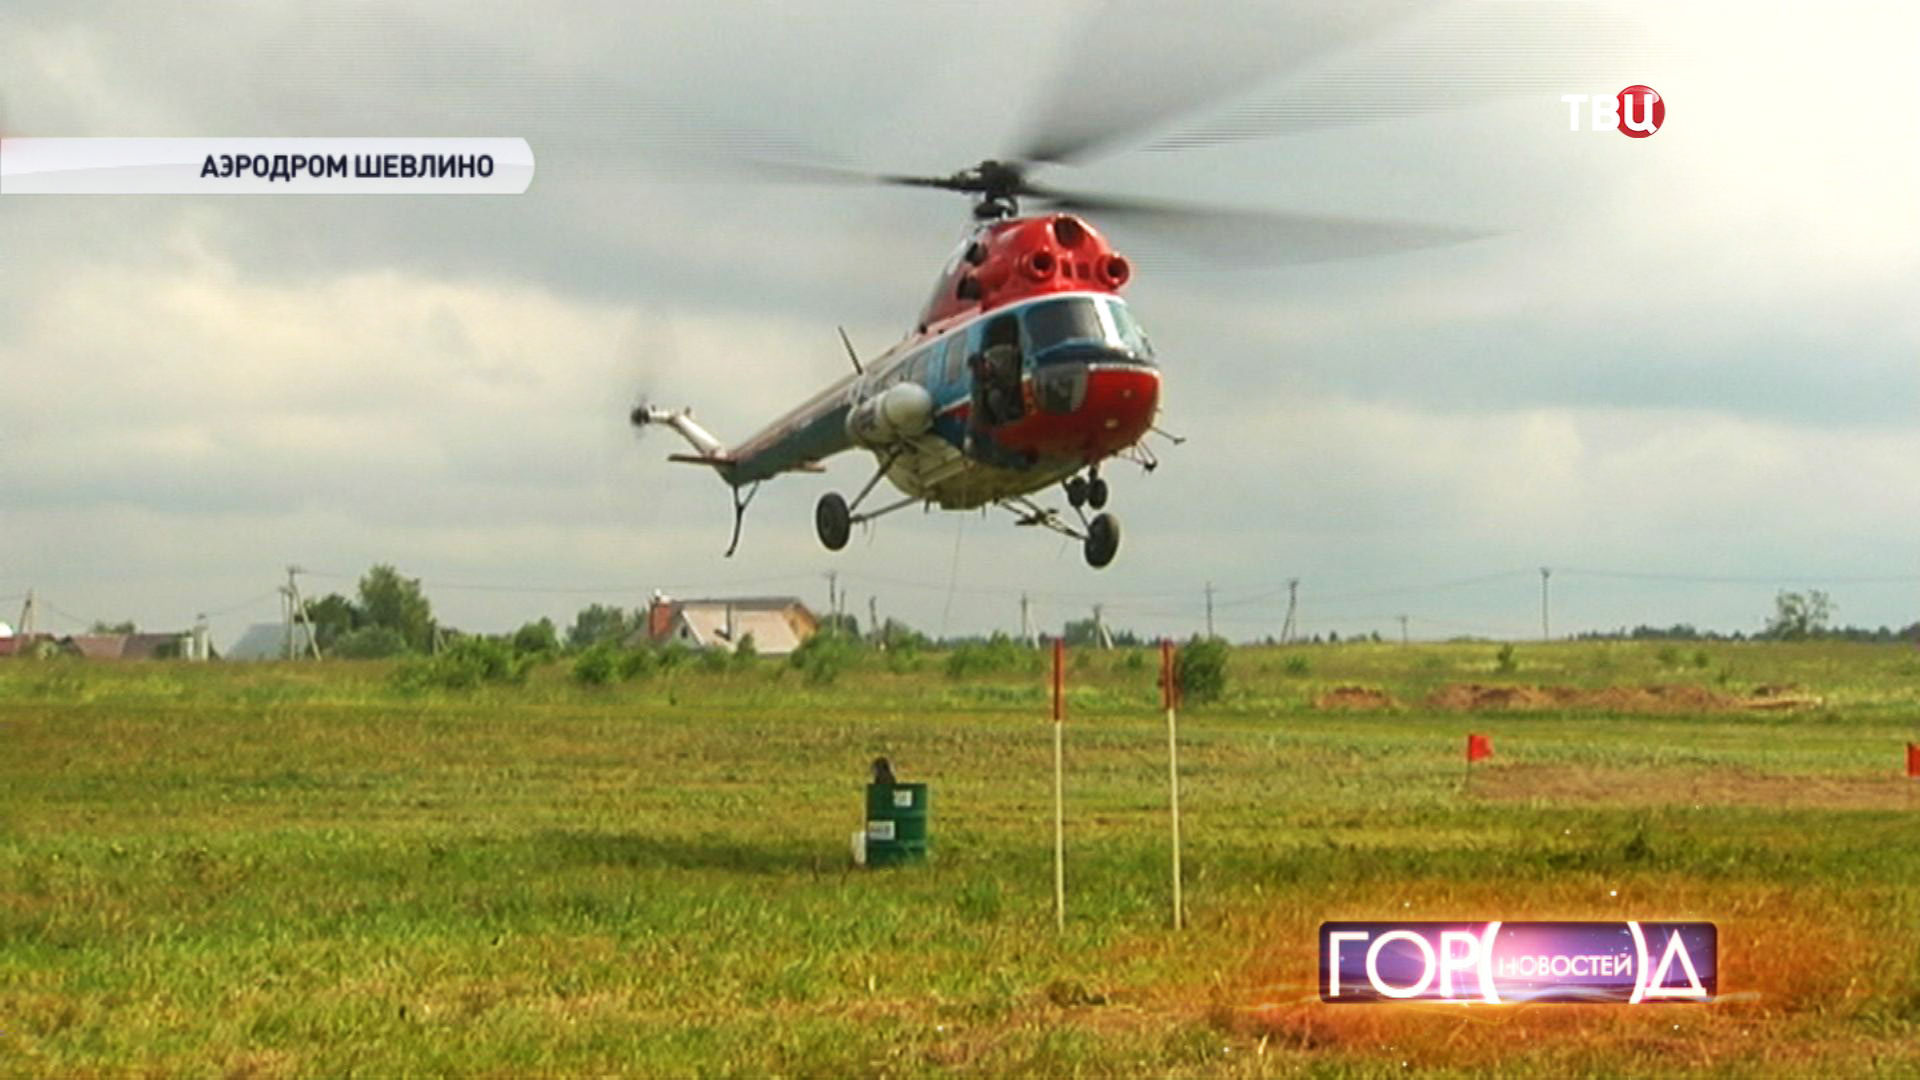 Высший пилотаж на вертолете Ми-2